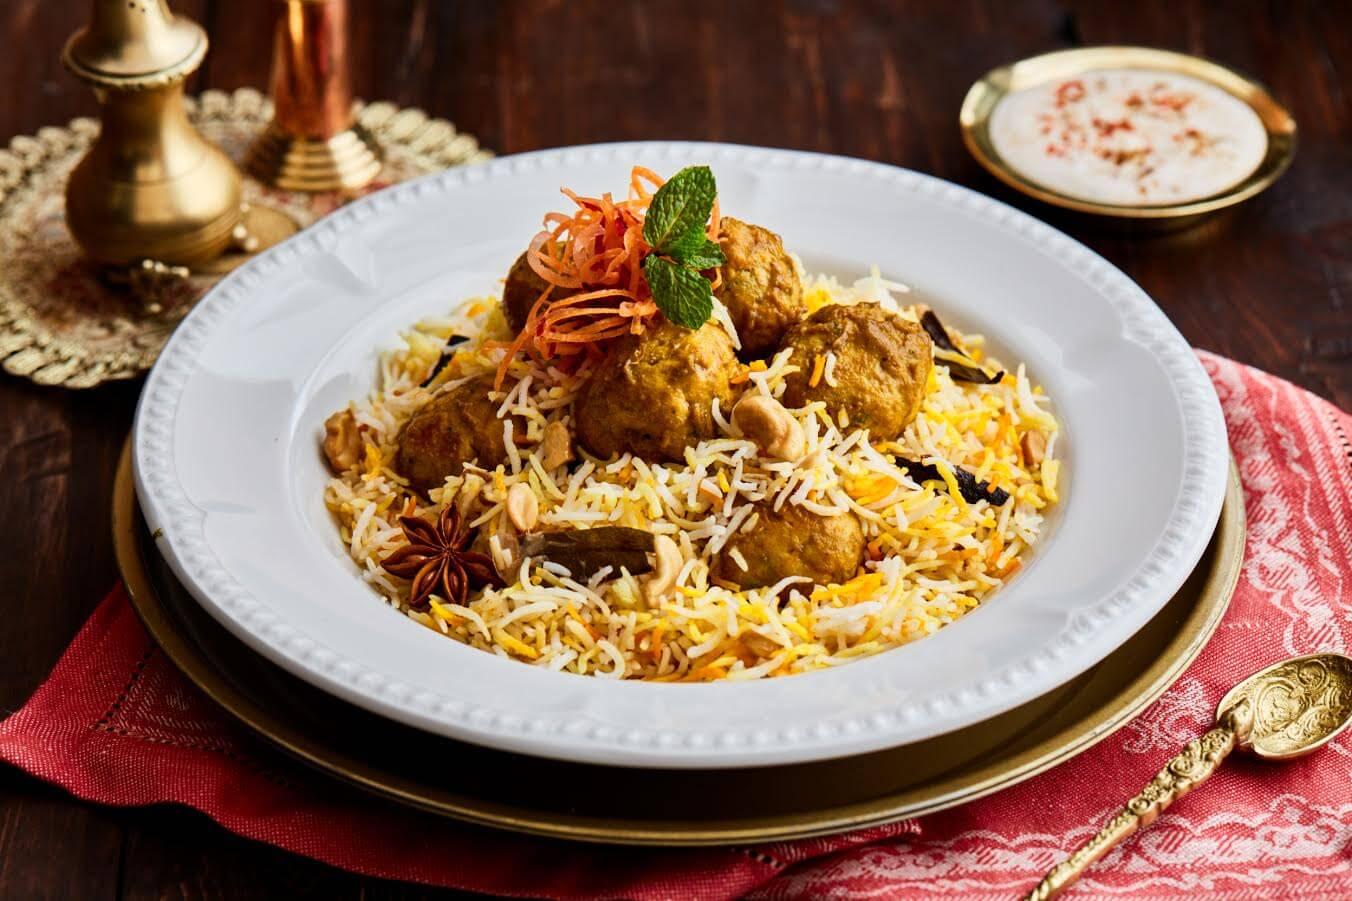 مطعم قصر الهند يطلق قائمة مأكولات برياني ايه كاس